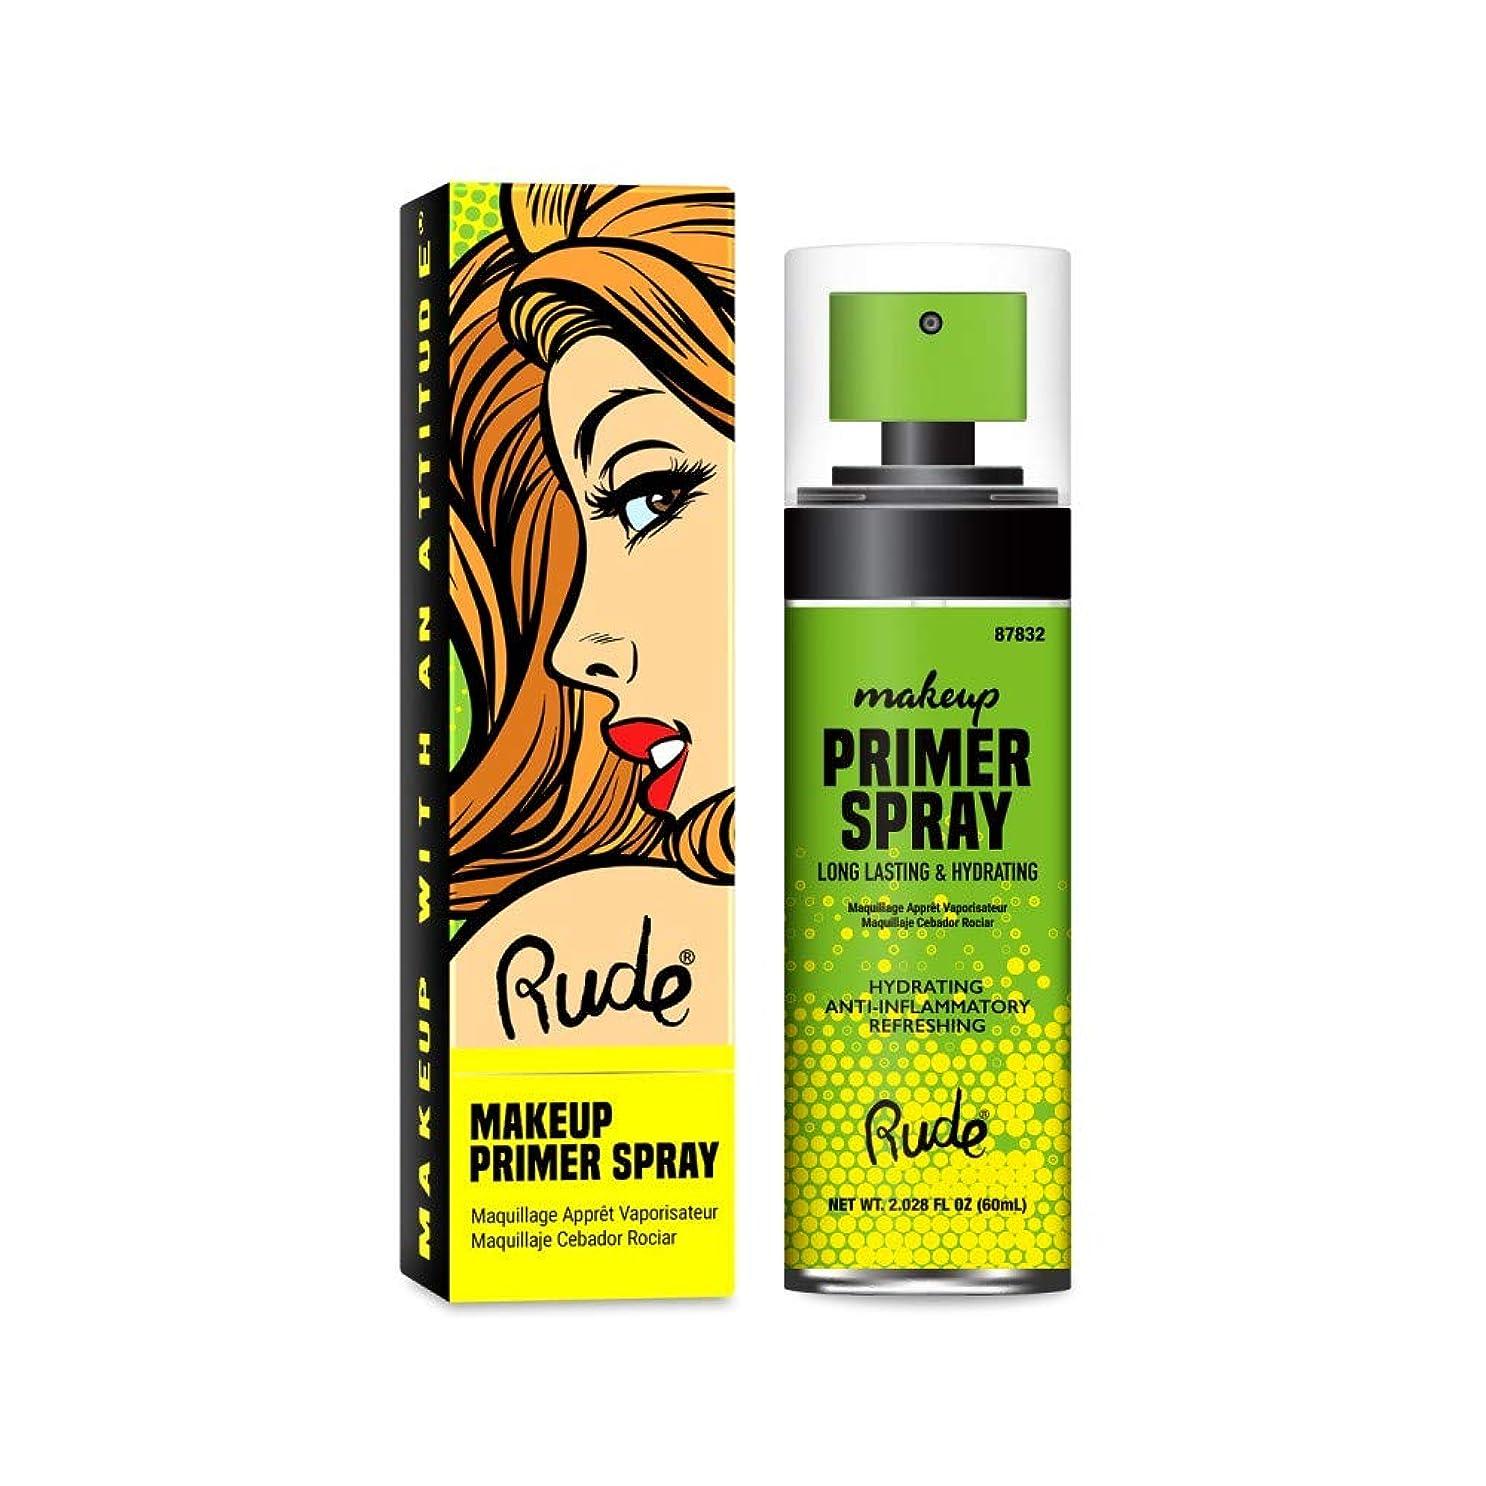 サスペンドバーマド引数RUDE? Make Up Primer Spray (並行輸入品)